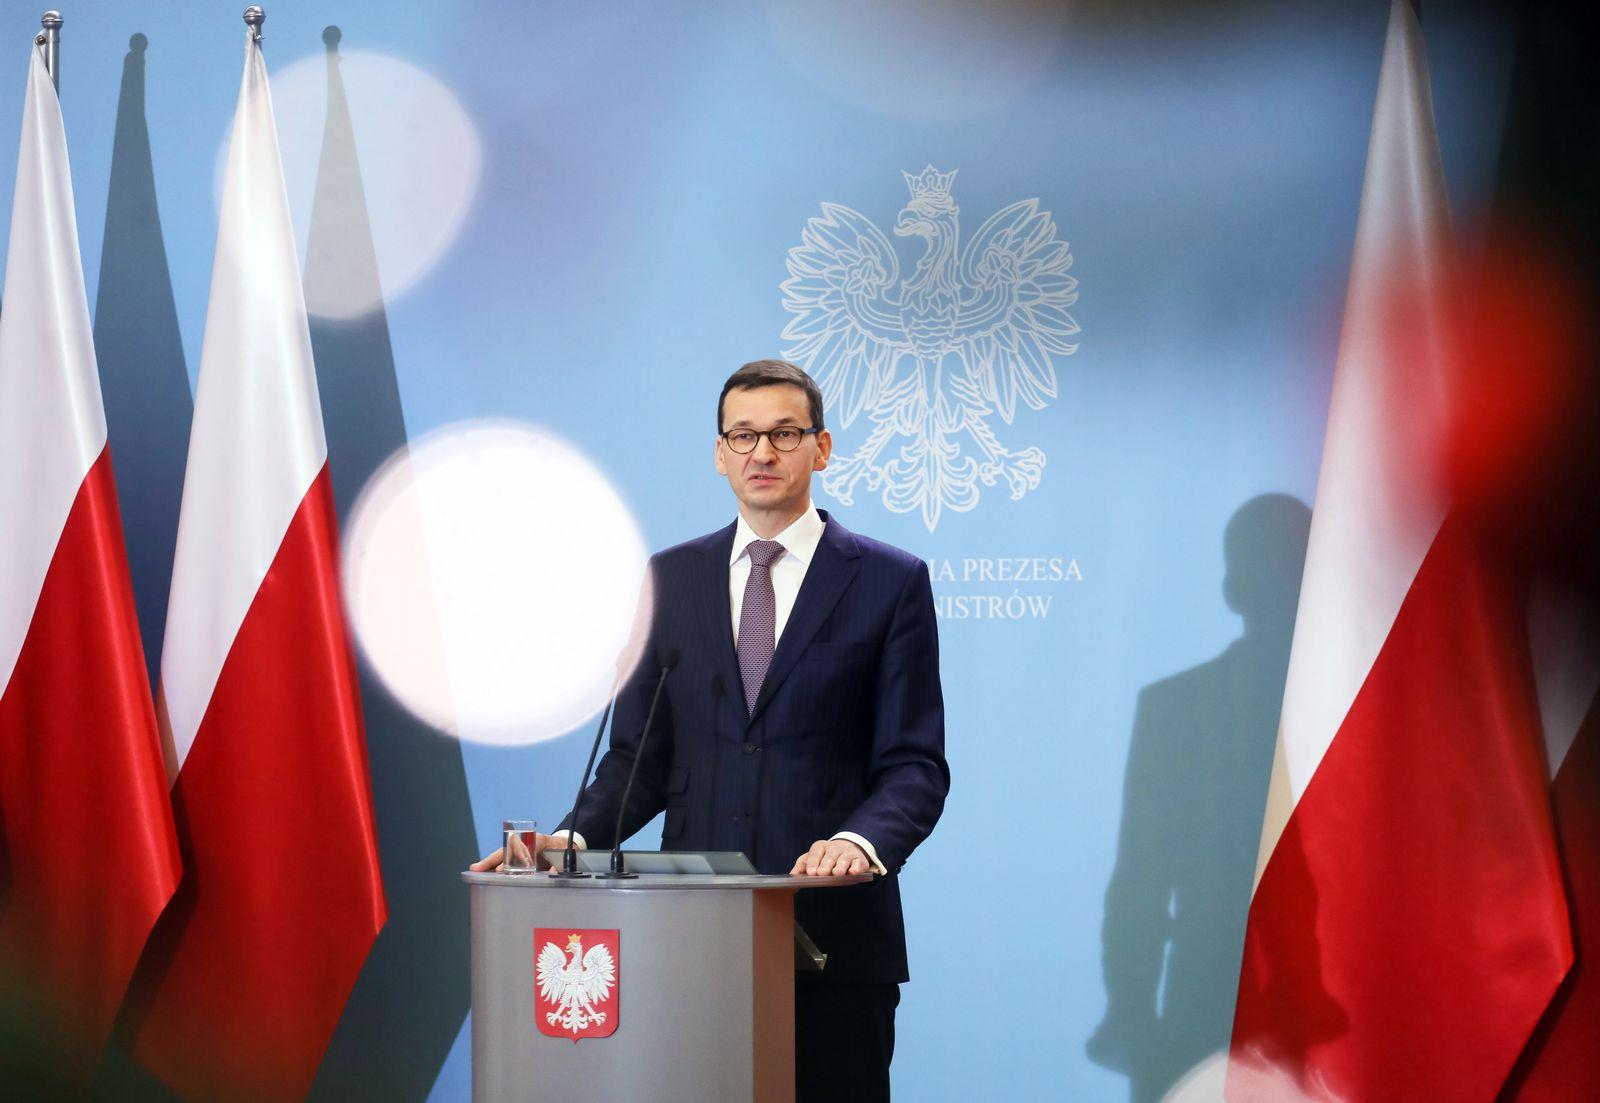 Mateusz Morawiecki/ Polen